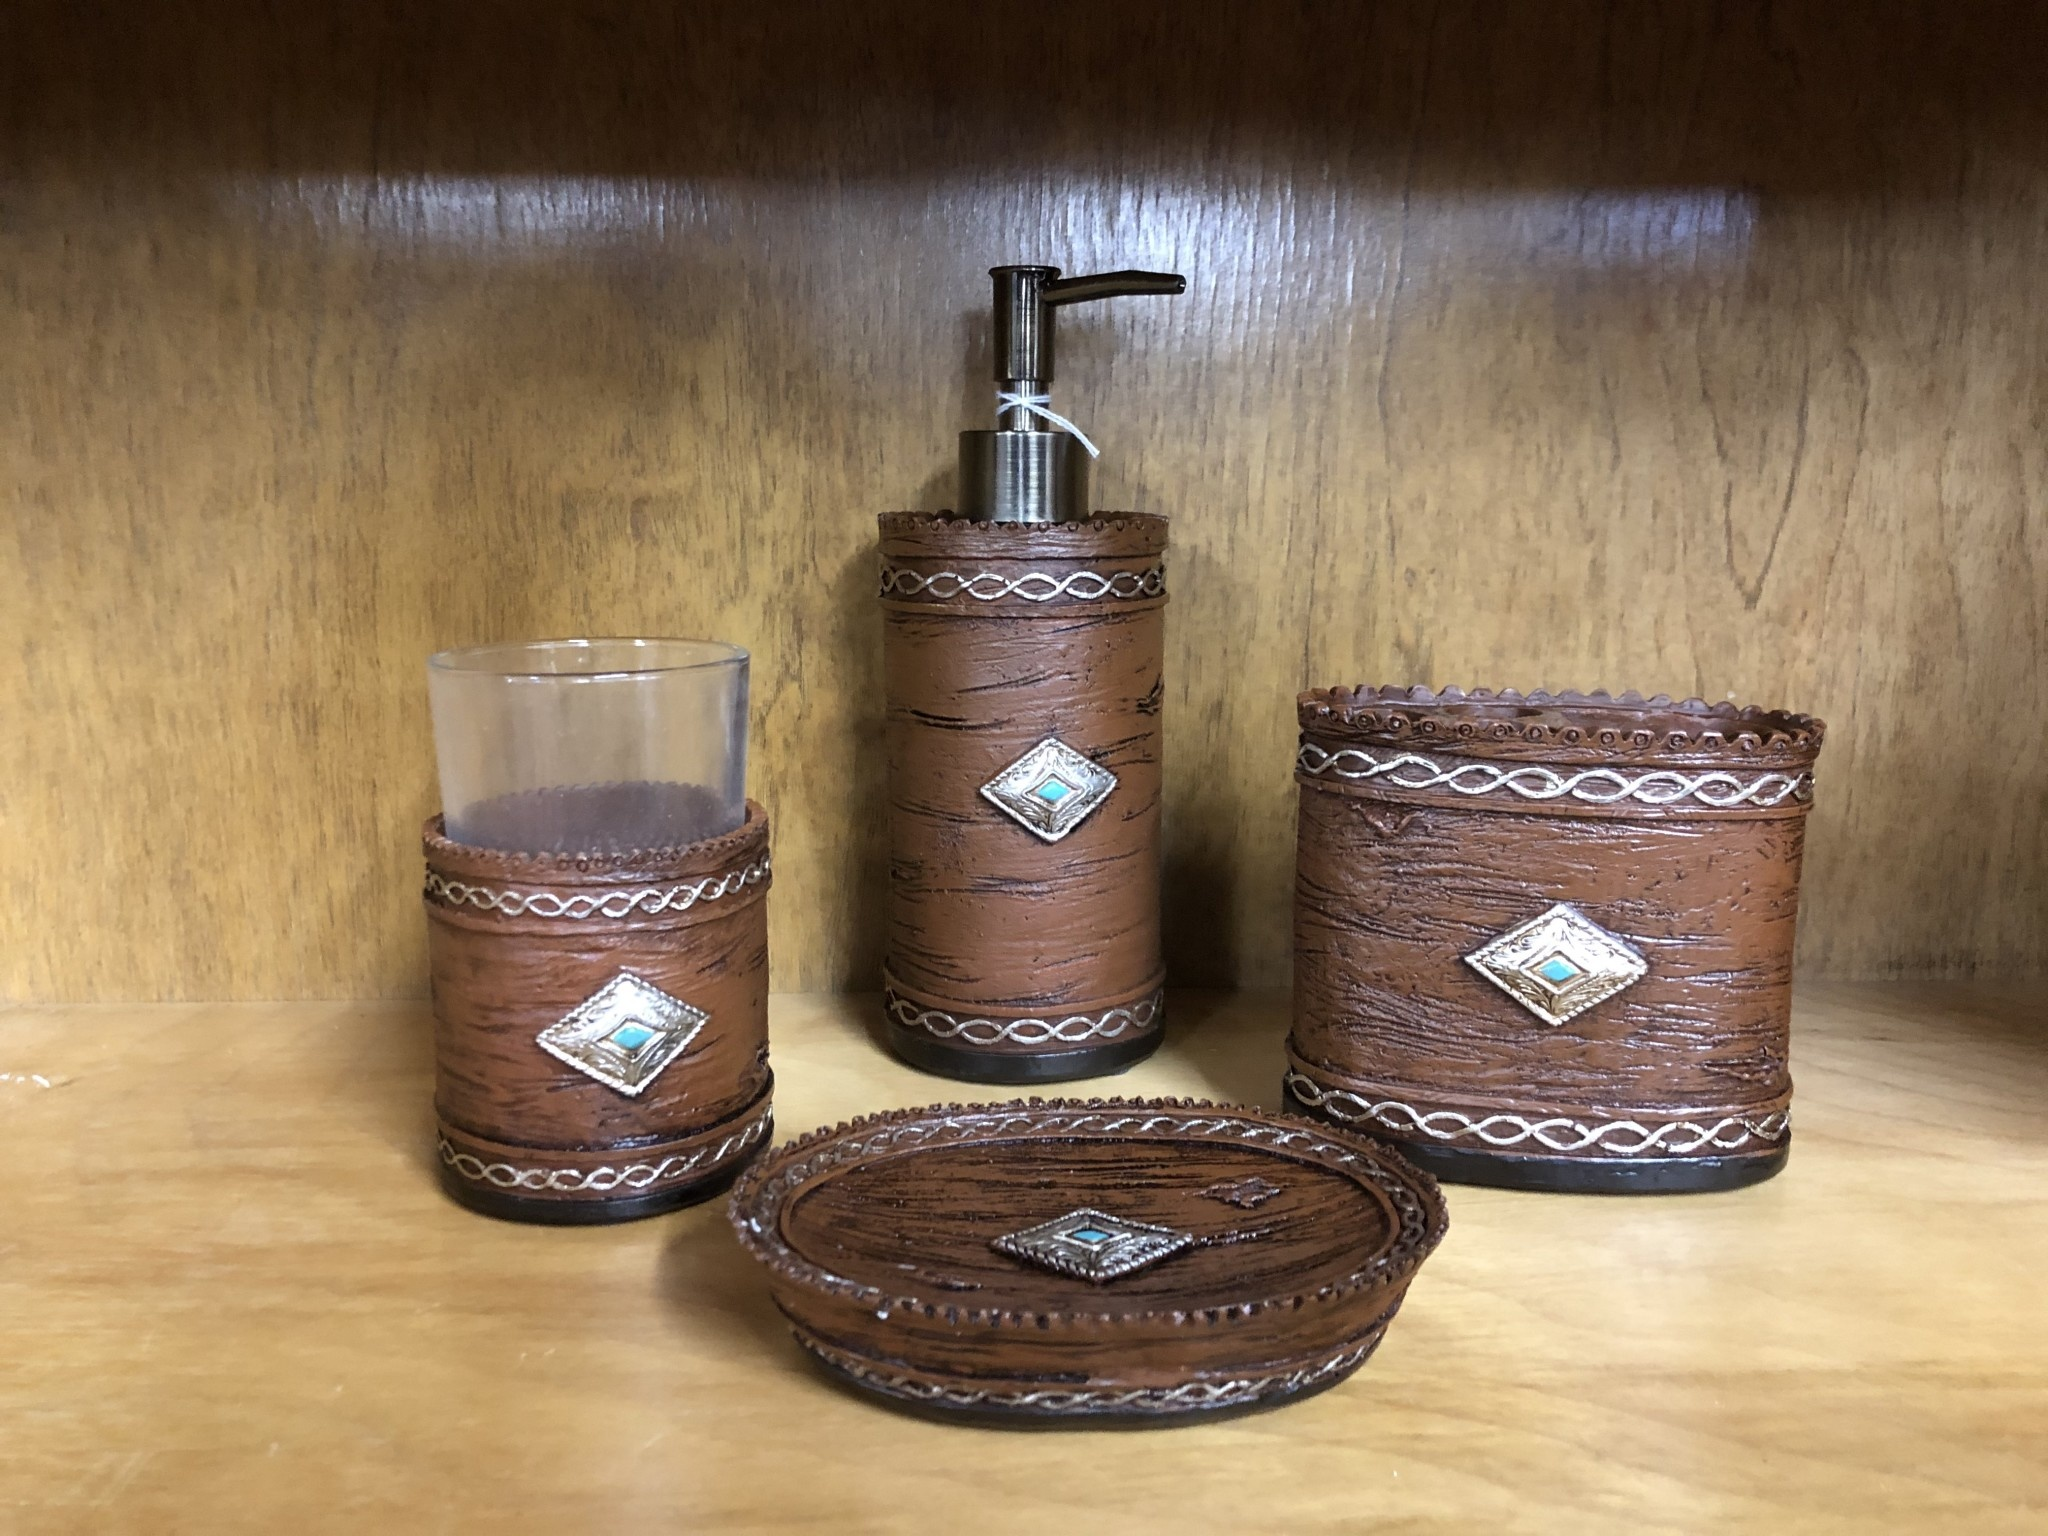 Hiend Navajo Bathroom Set - 4 pieces